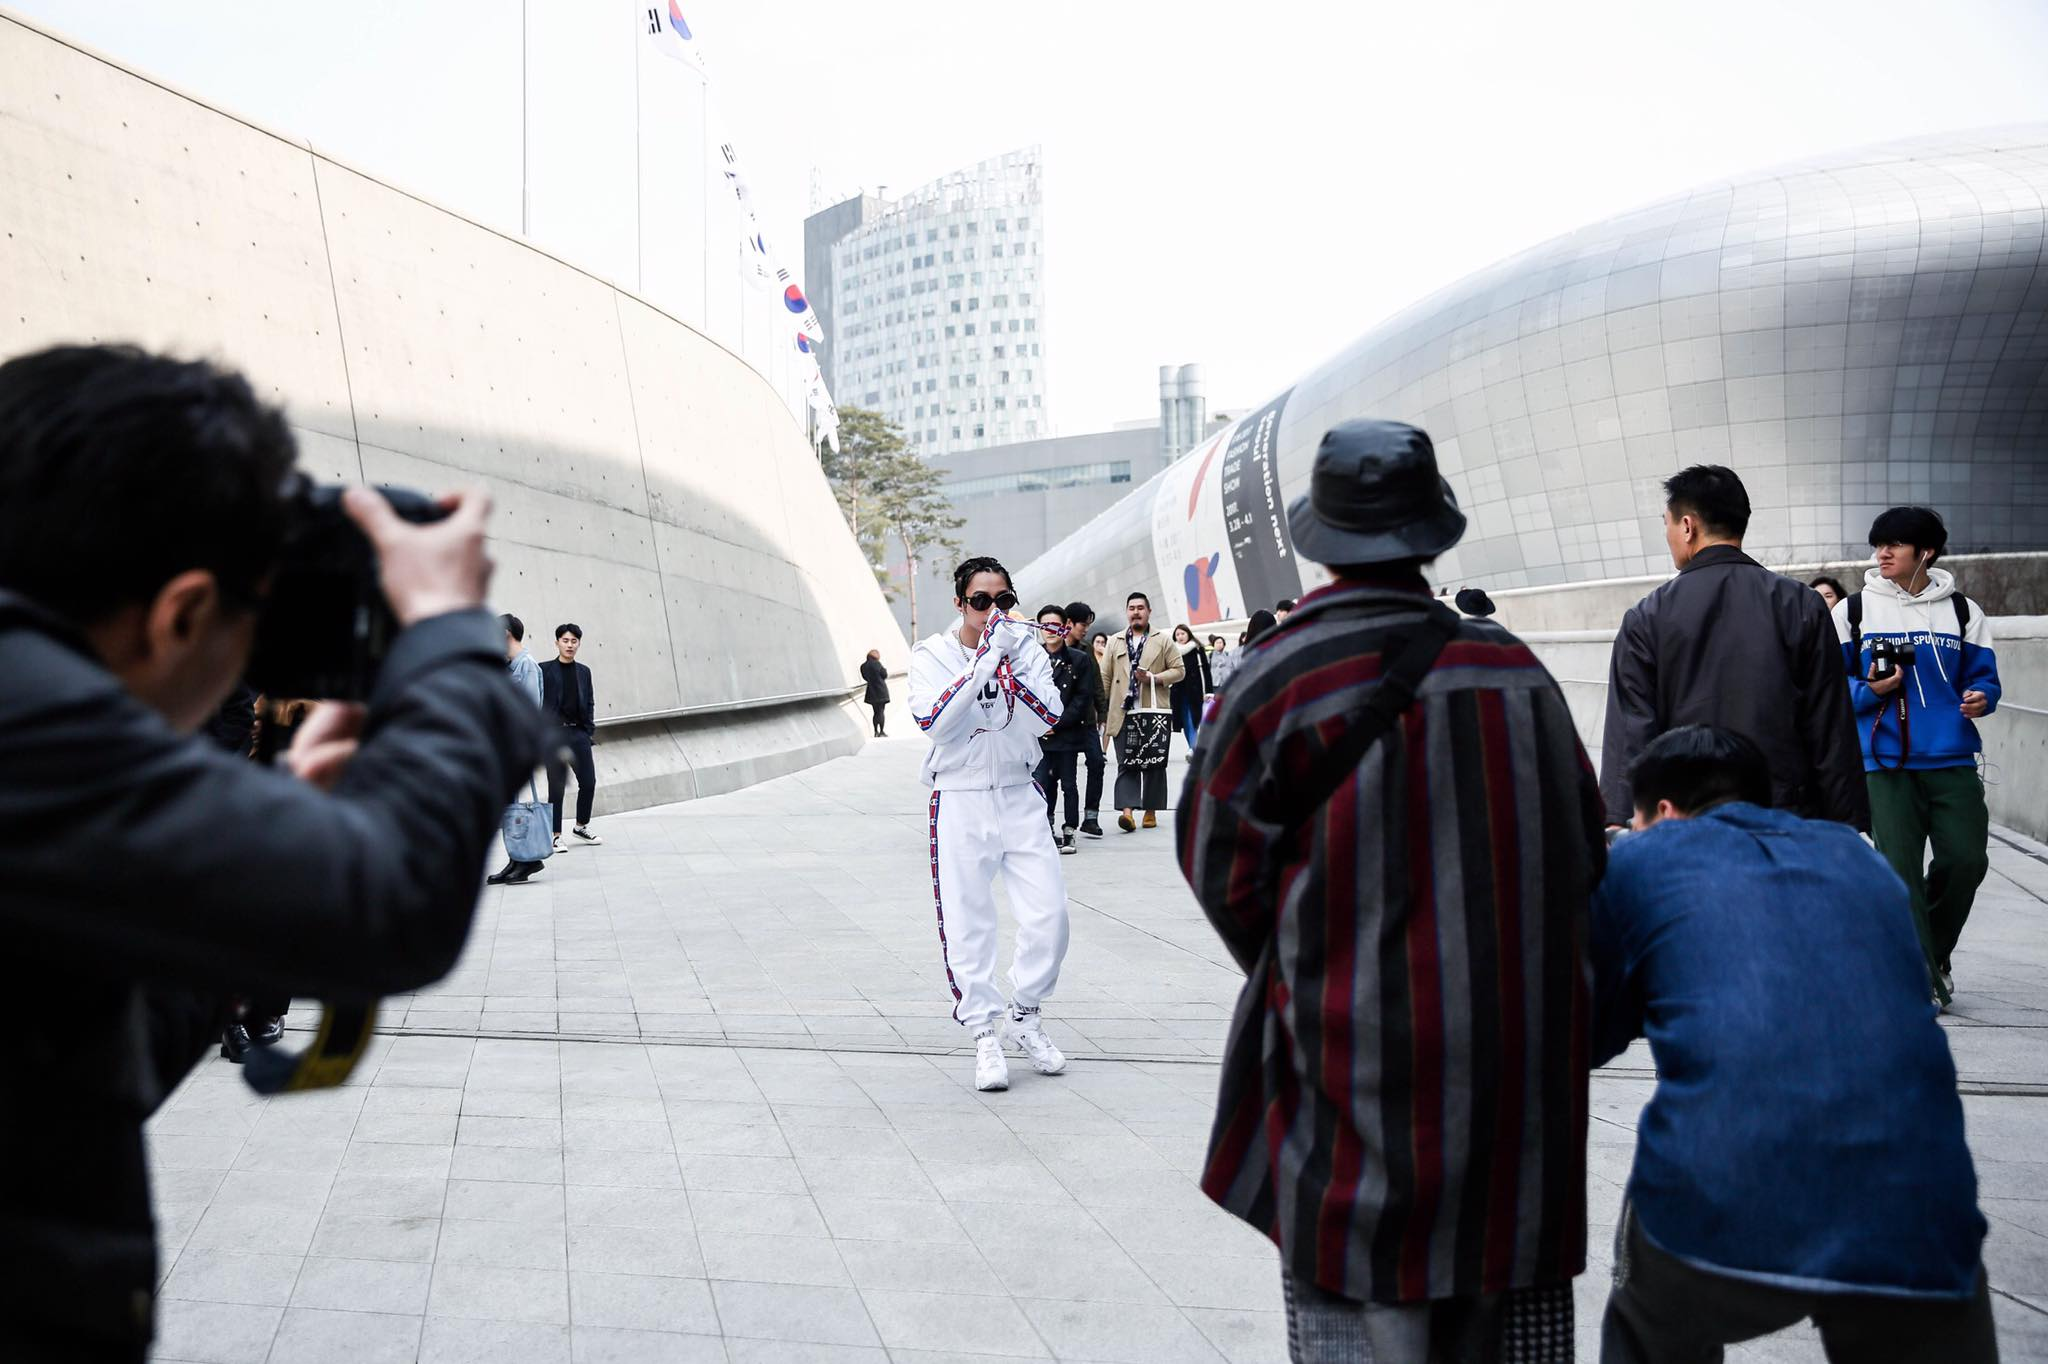 Gout thời trang cá tính đã khiến Sơn Tùng trở thành tâm điểm của những ống kính phóng viên quốc tế.